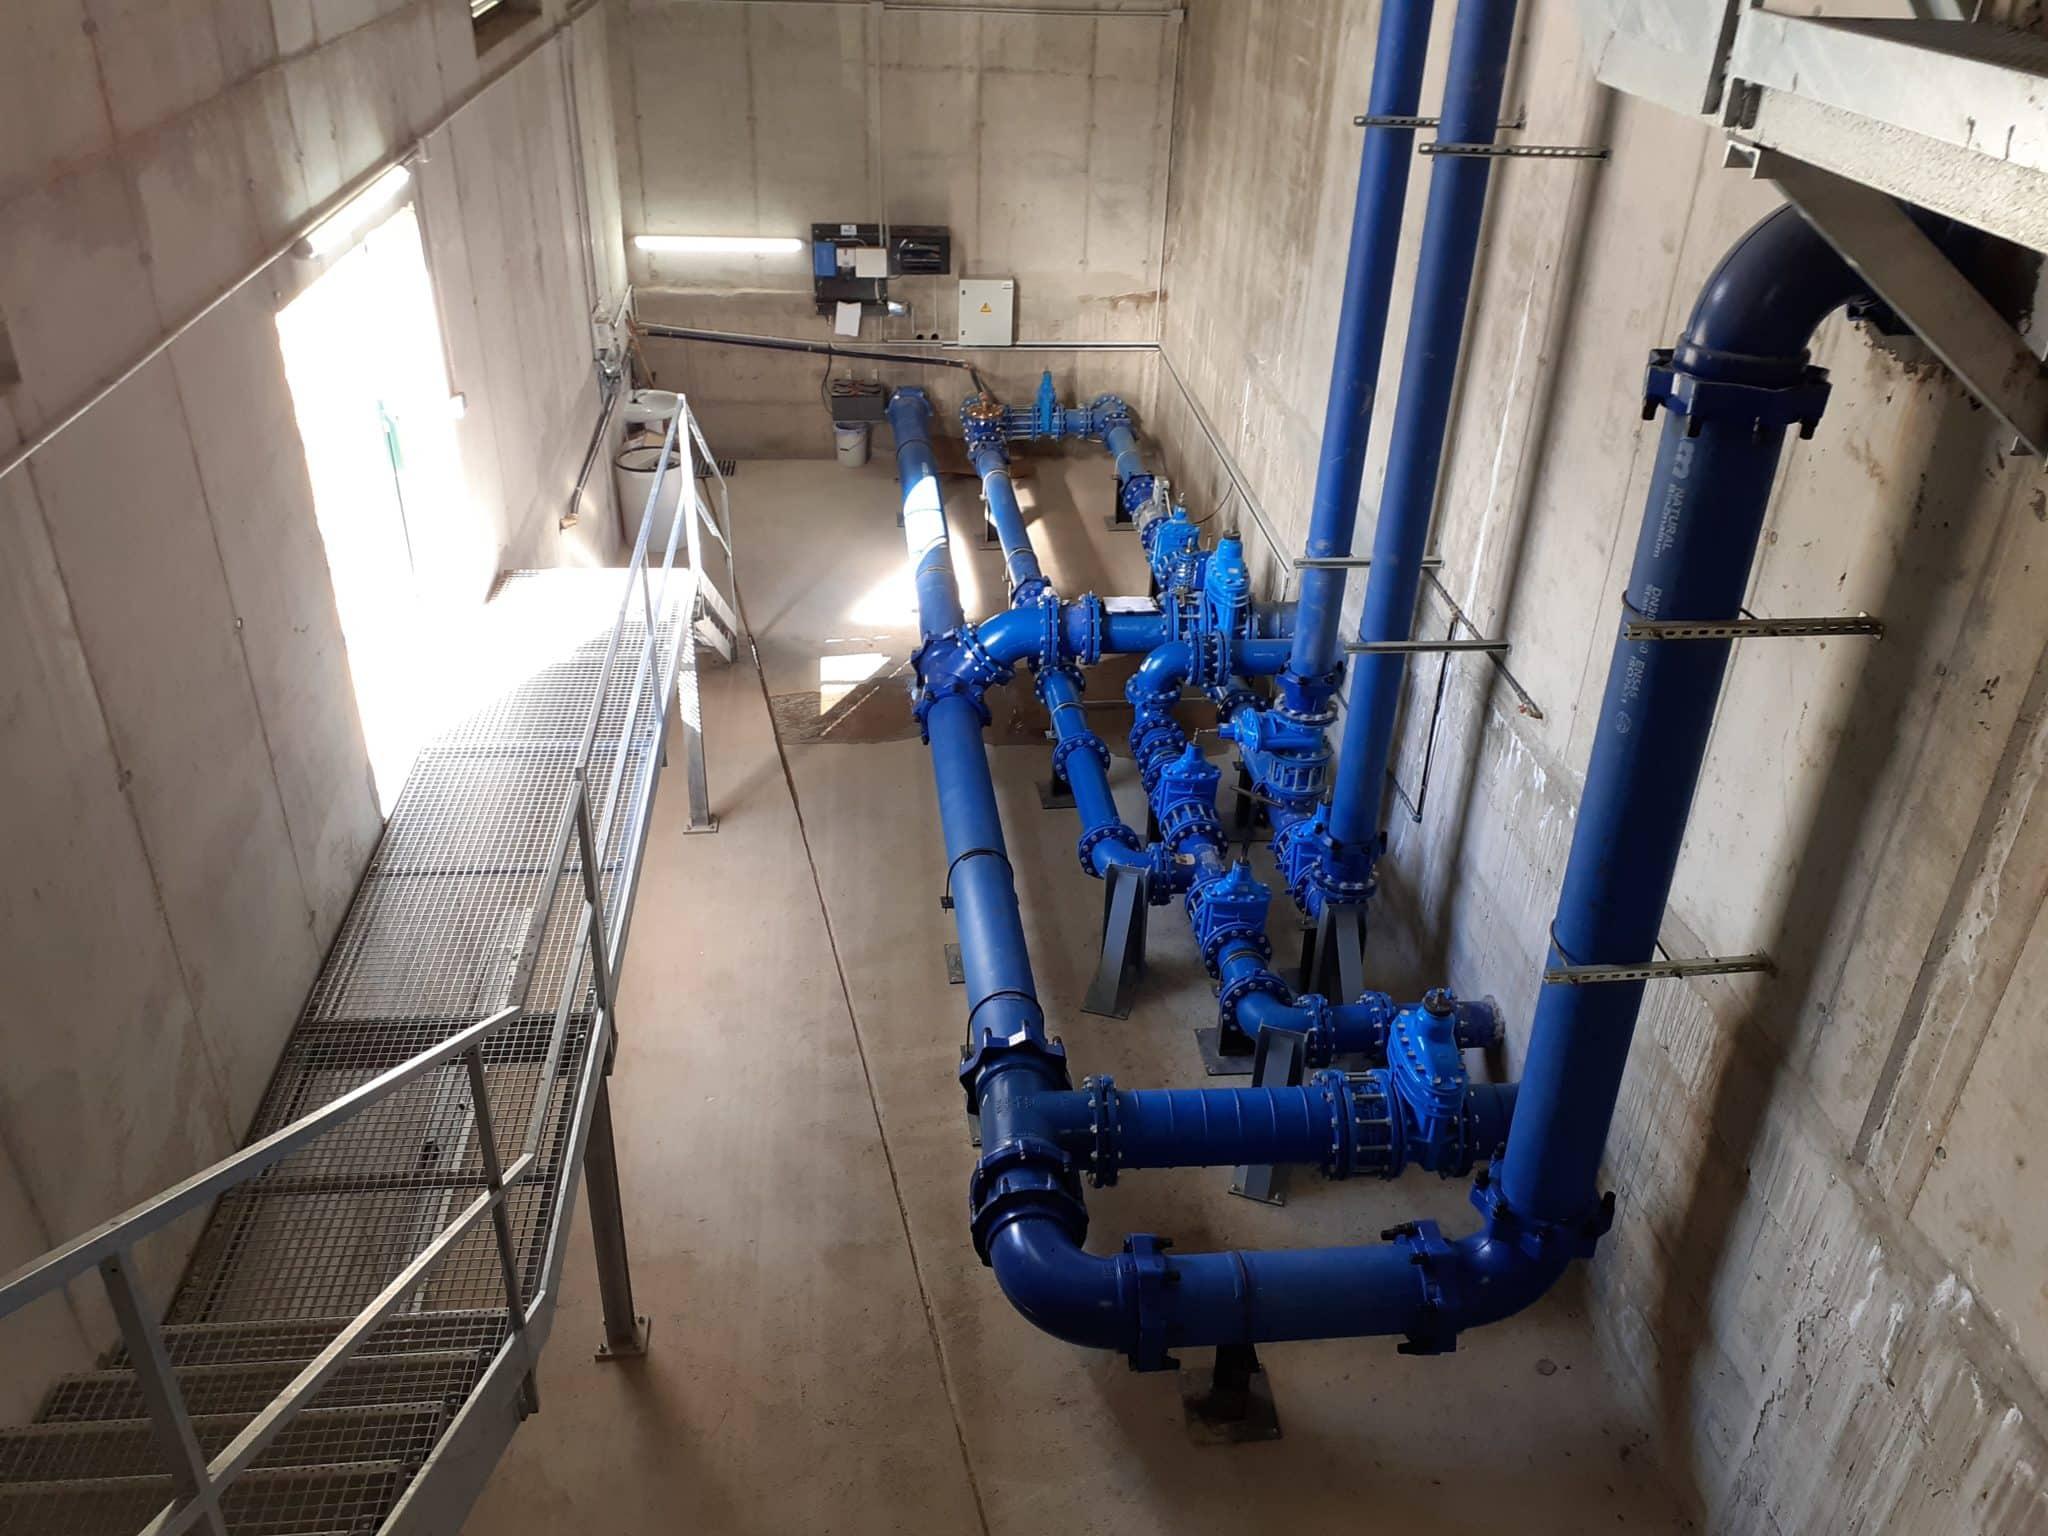 La Rioja pone en marcha dos nuevas infraestructuras hidráulicas en Tormantos y Hormilla 1